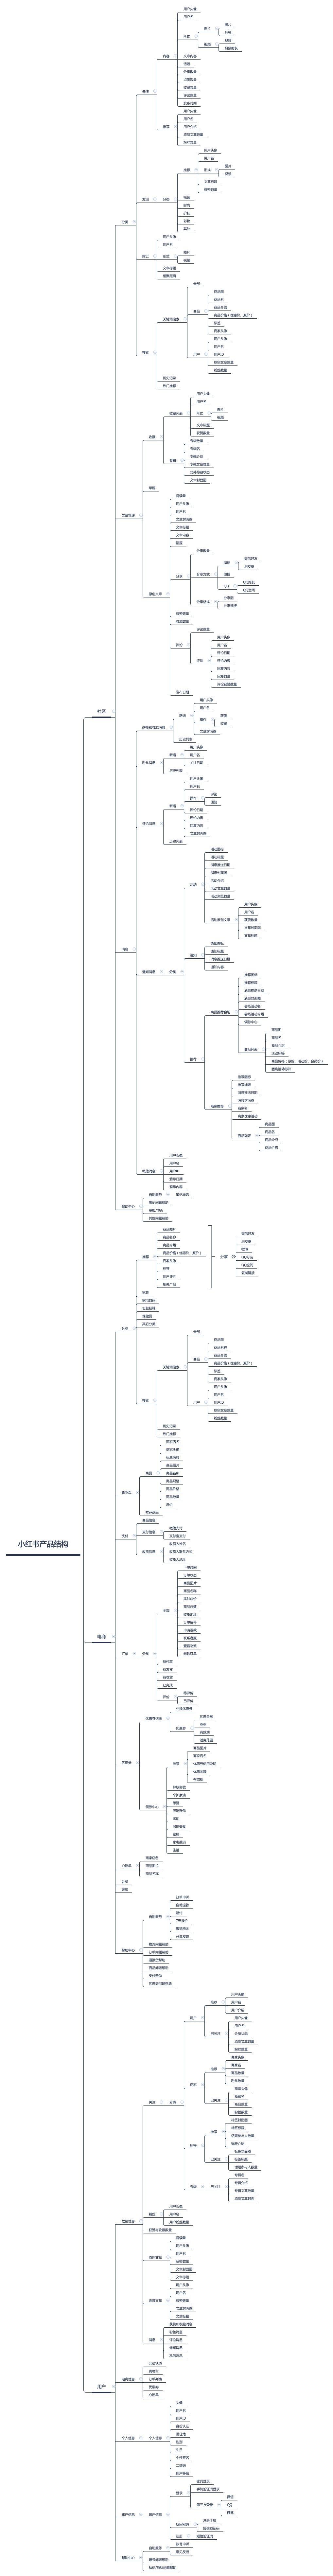 《小红书APP的浅层分析:产品形态、产品模式、产品结构图、产品主要模块》